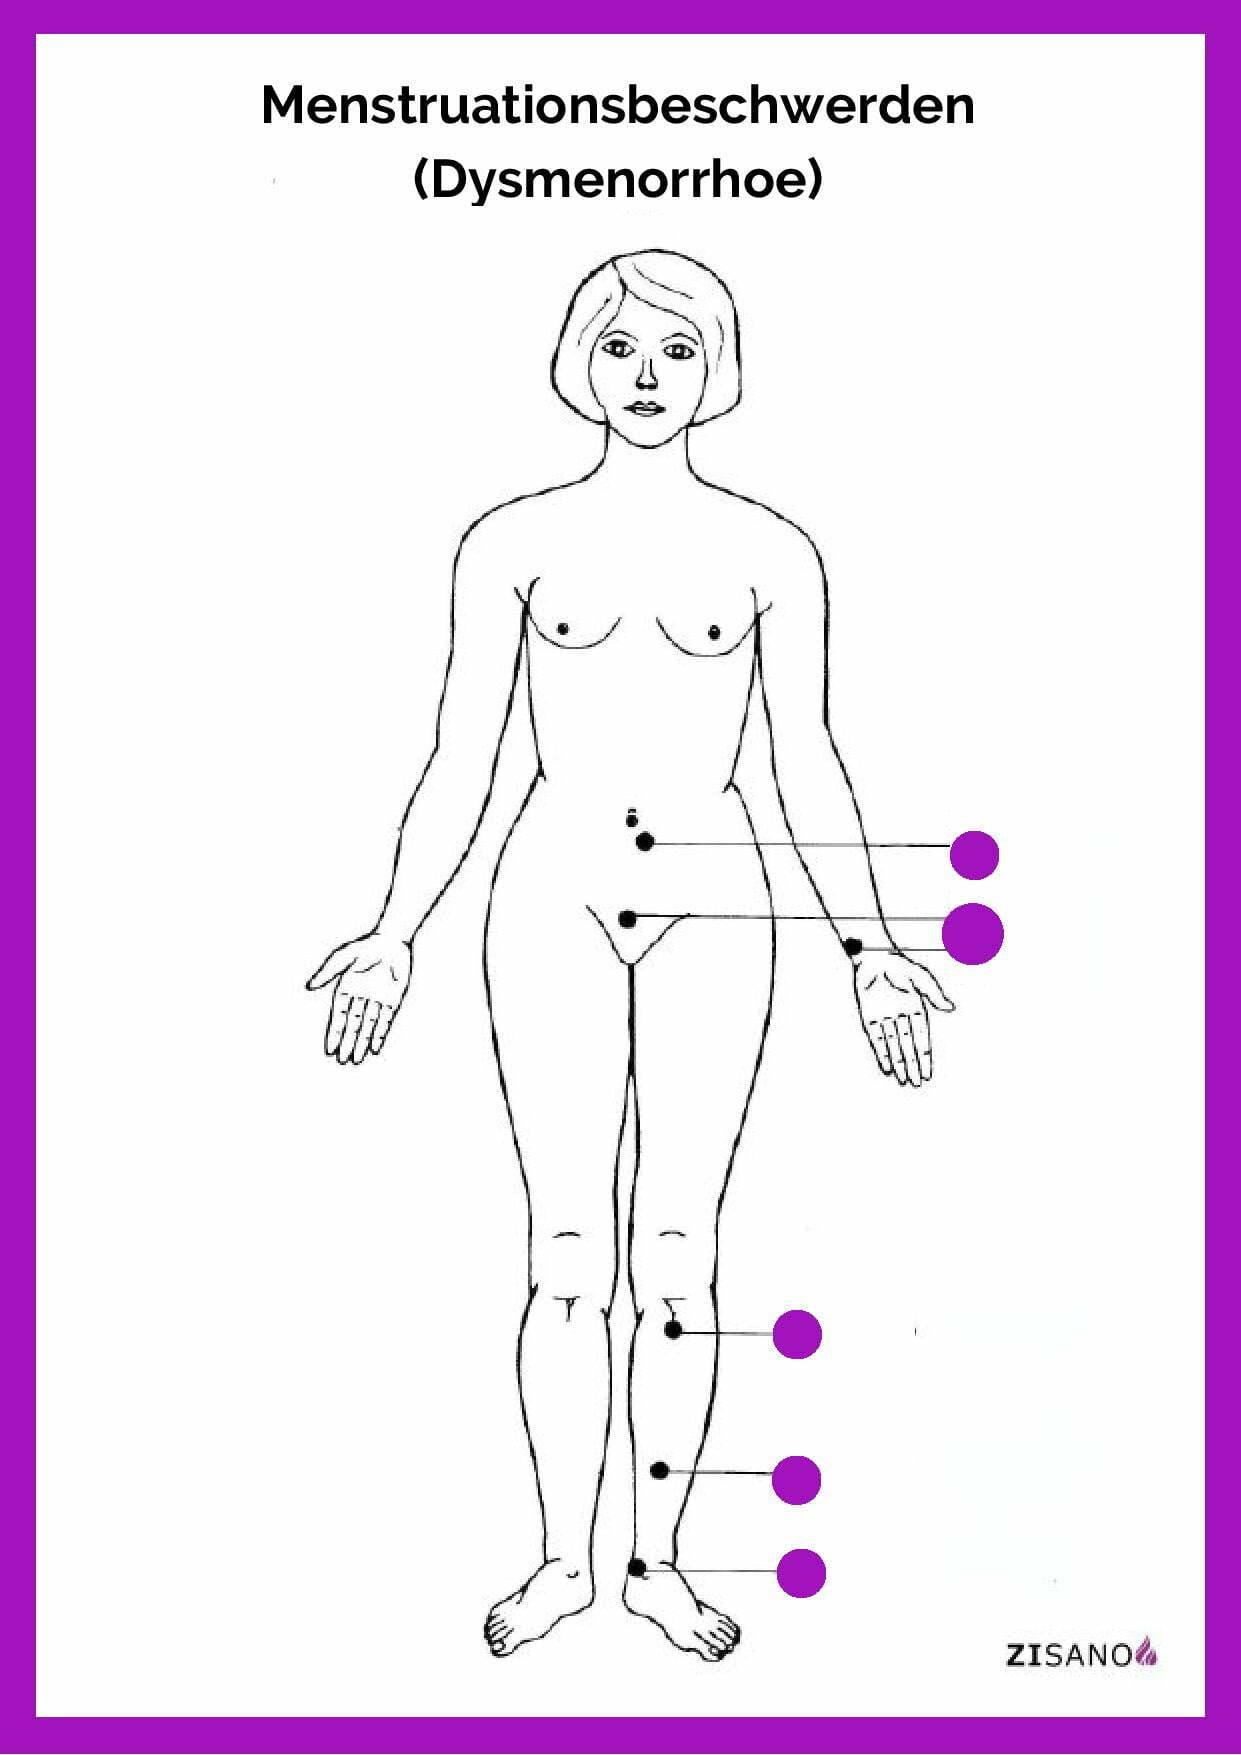 Meridiane - Menstruationsbeschwerden - Dysmenorrhoe - Beschwerden